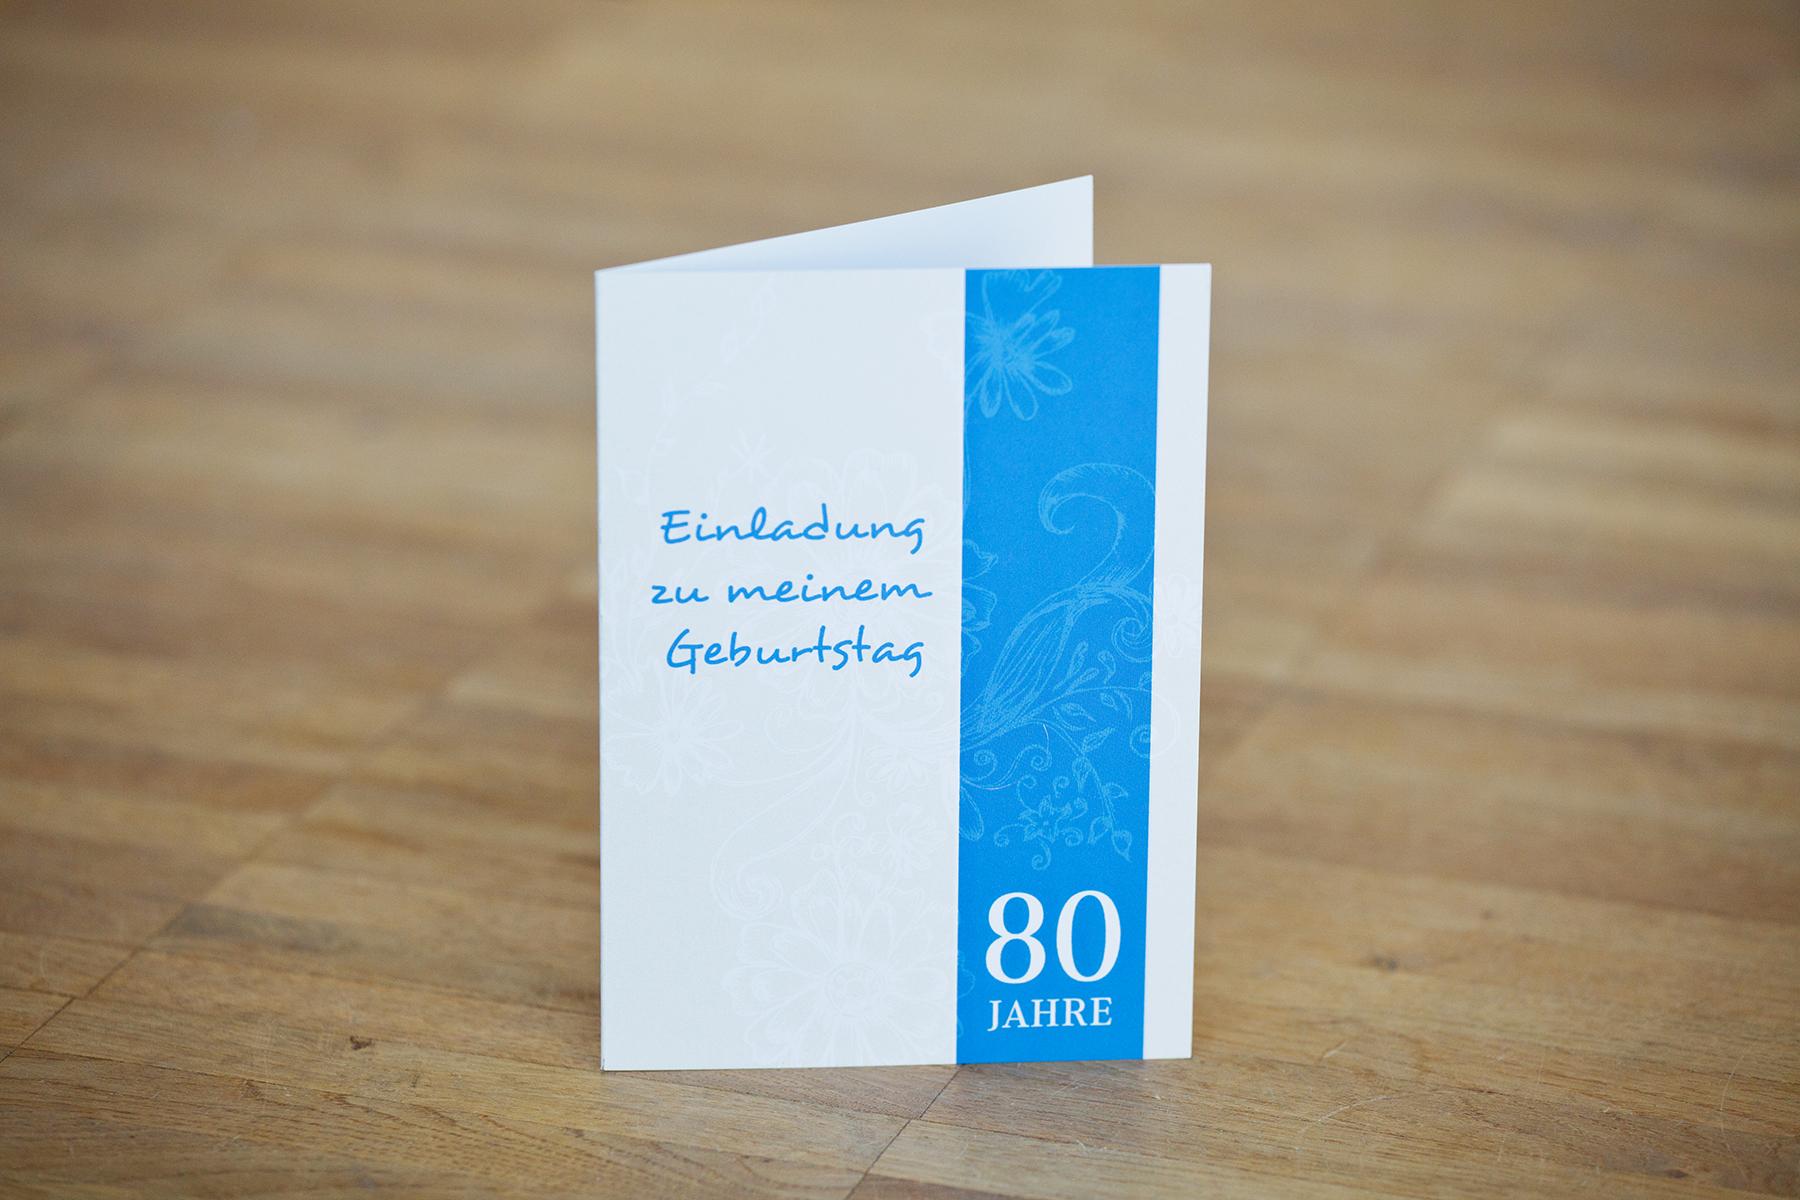 Gestalten Von Einladungen mit beste einladung ideen